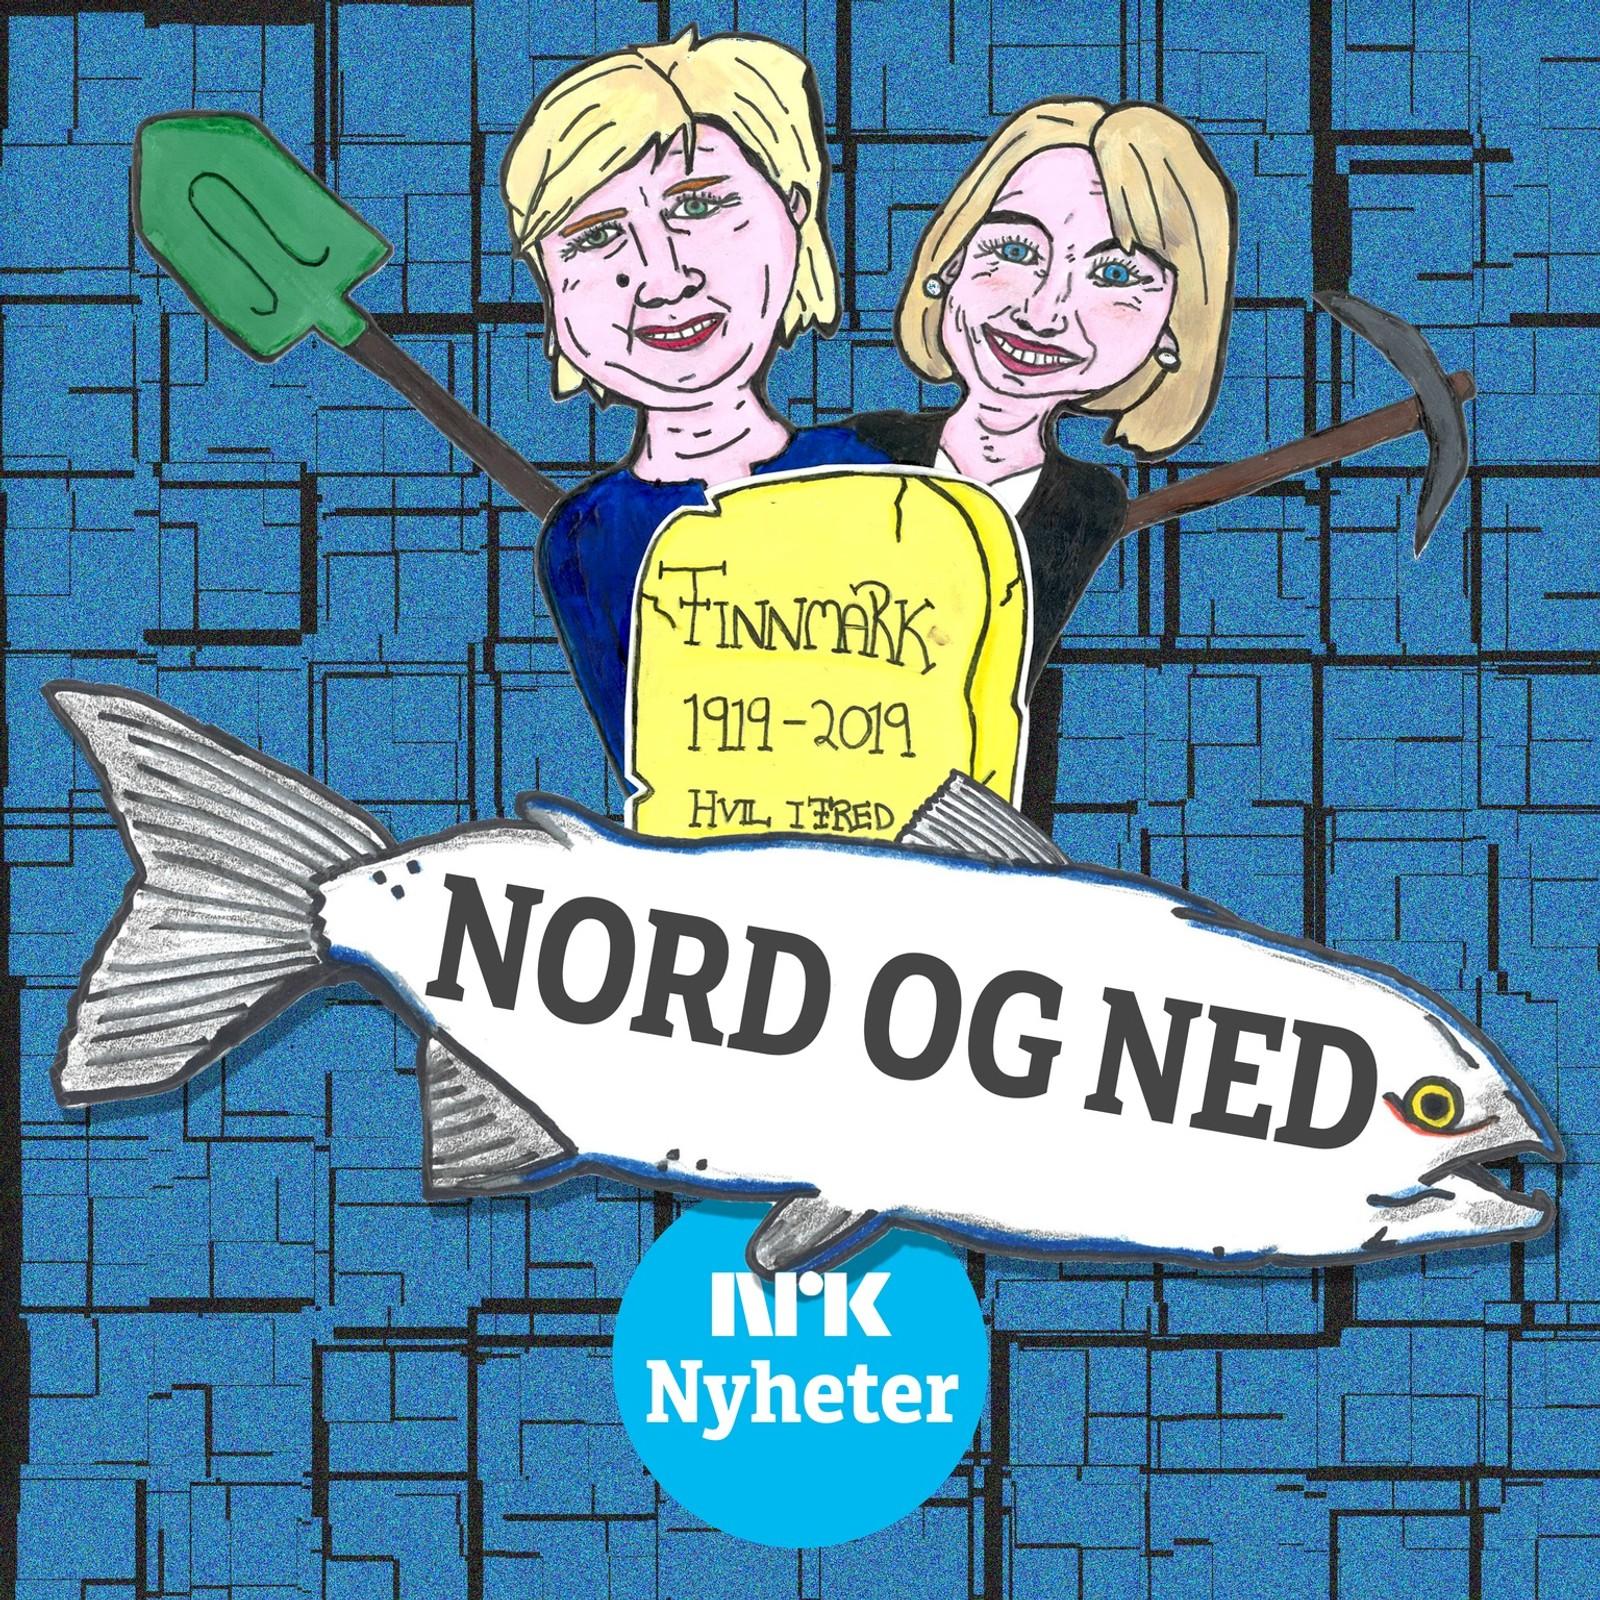 Nord og ned